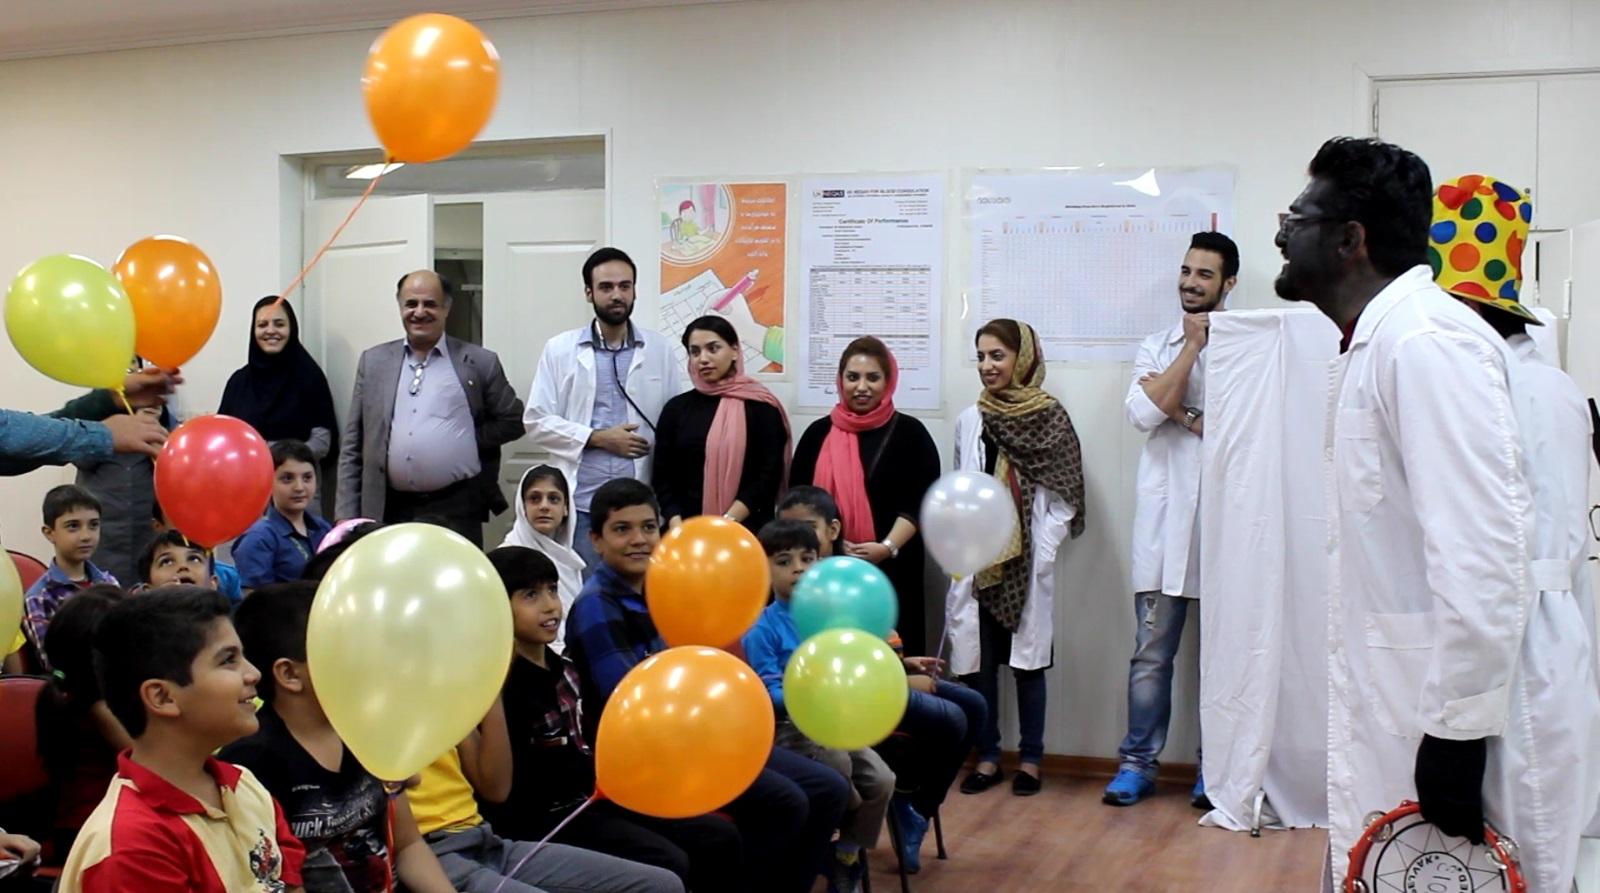 پزشکان معالج هموفیلی با داروی شادی!